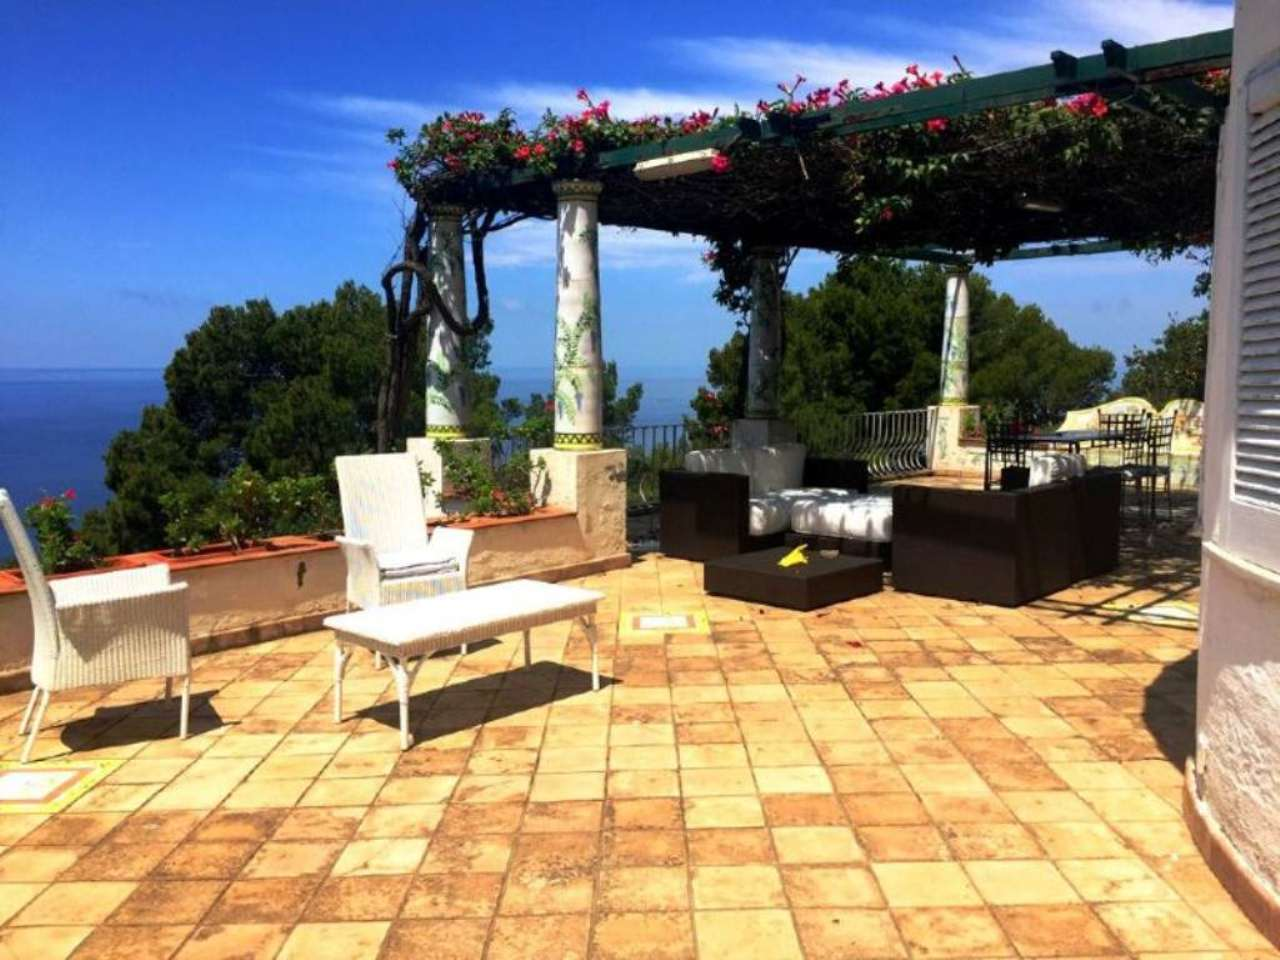 Villa in vendita a Anacapri, 8 locali, Trattative riservate | Cambio Casa.it